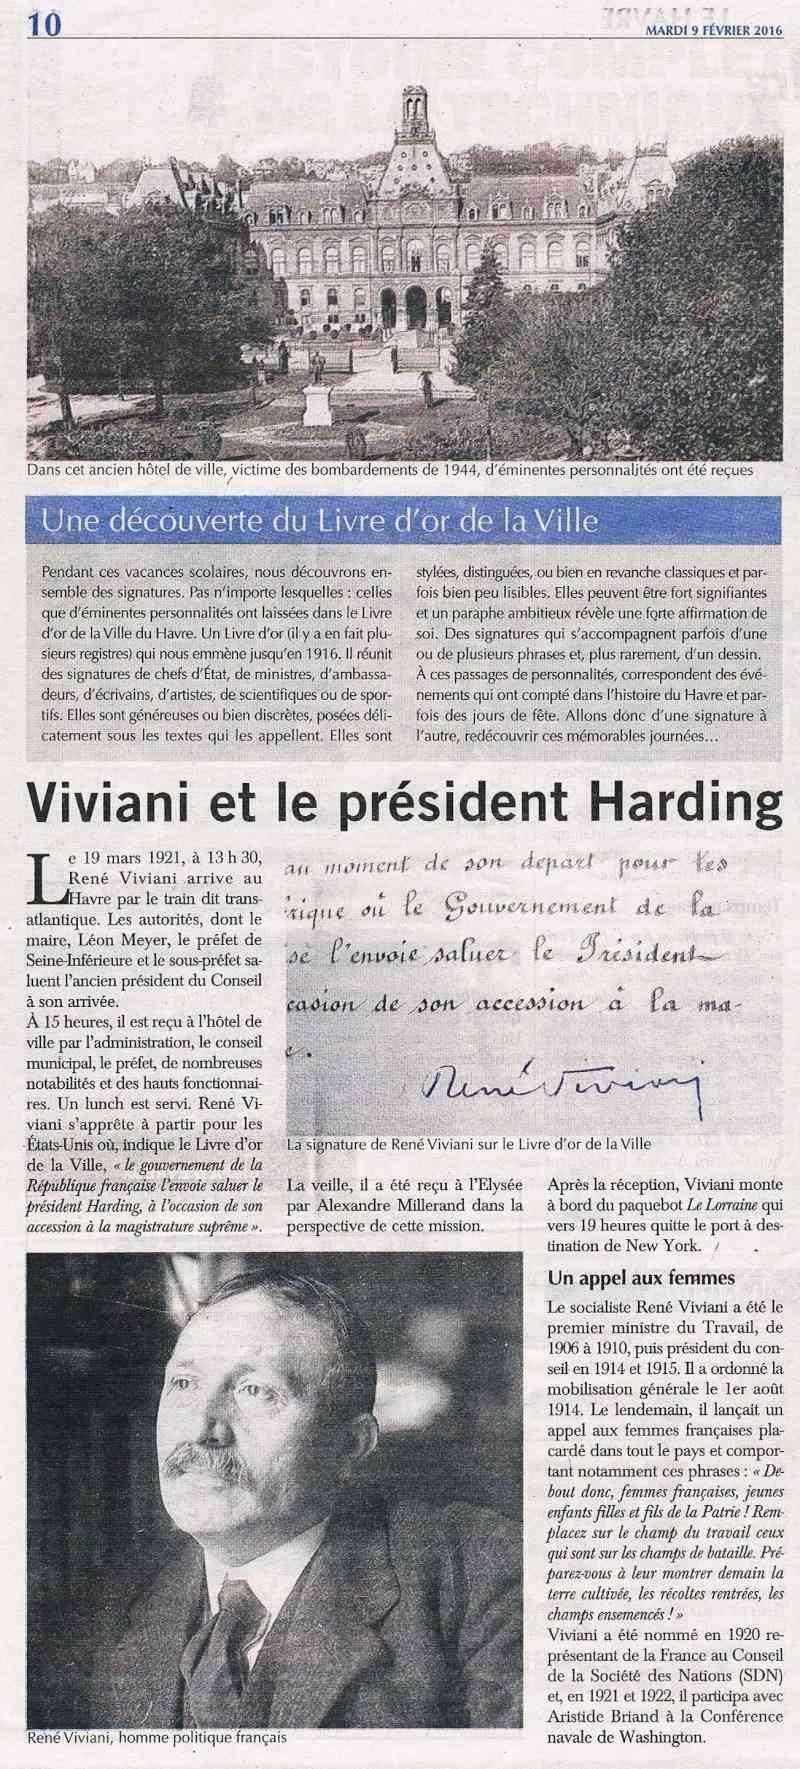 bolbec - Découverte du Livre d'or de la Ville du Havre 2016-027